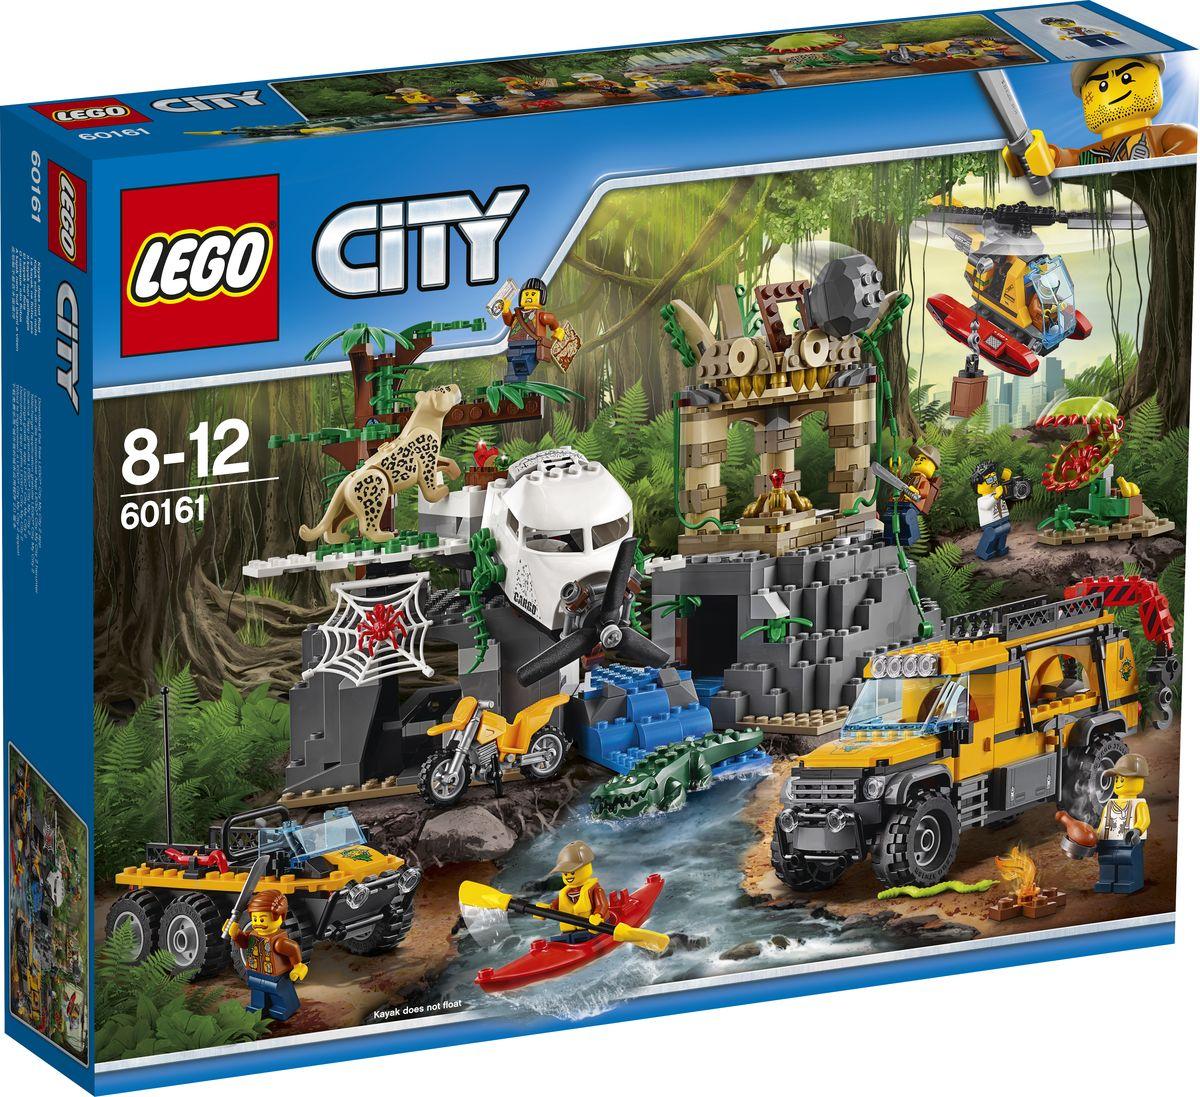 LEGO City Jungle Explorer 60161 База исследователей джунглей Конструктор цена